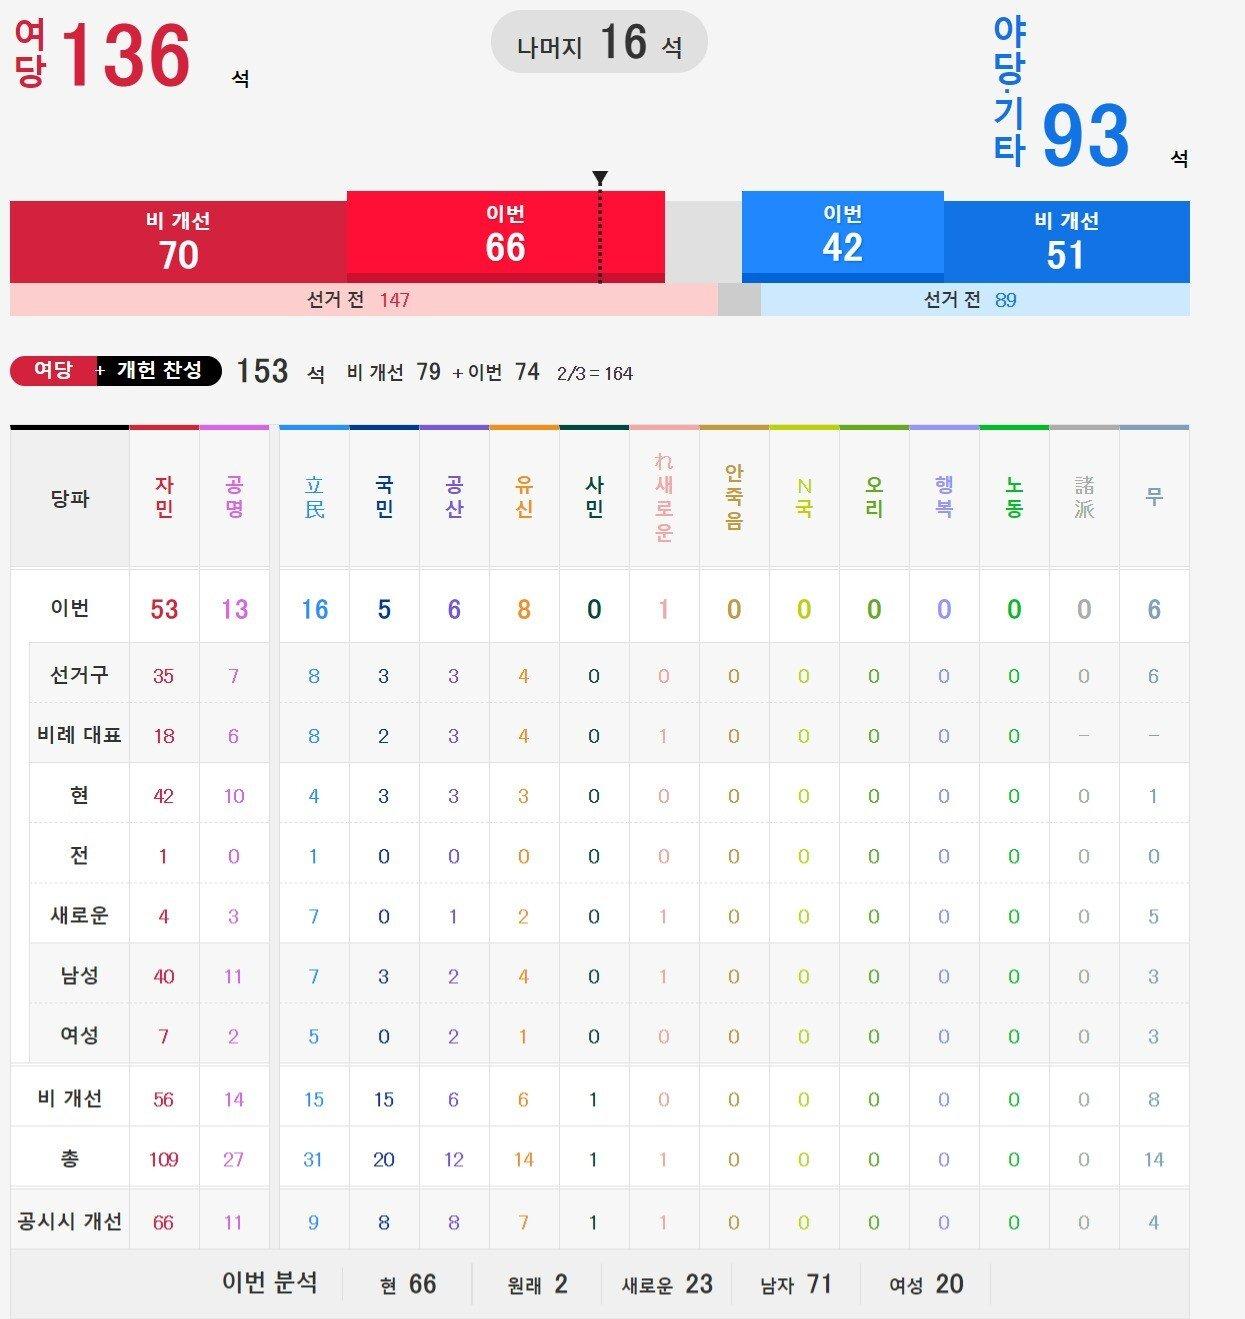 참의원 개표 NHK.jpg 일본 참의원 선거 개표 상황.jpg